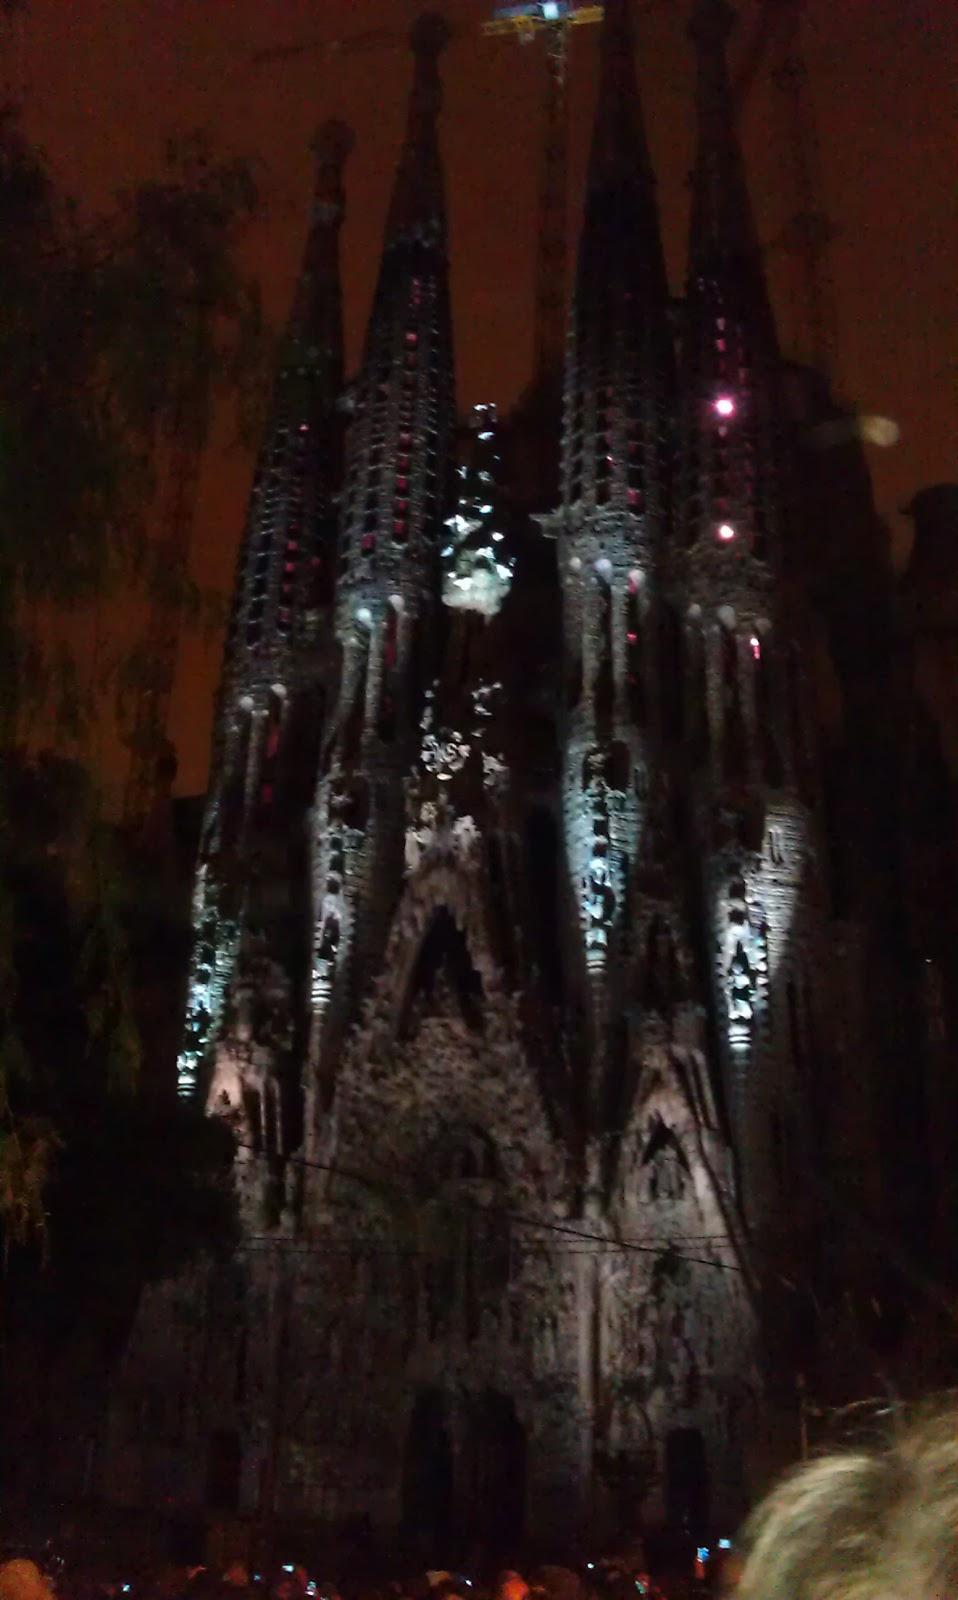 Sagrada fam lia e o show de luzes blog de turismo barcelona - Estilo sagrada familia ...